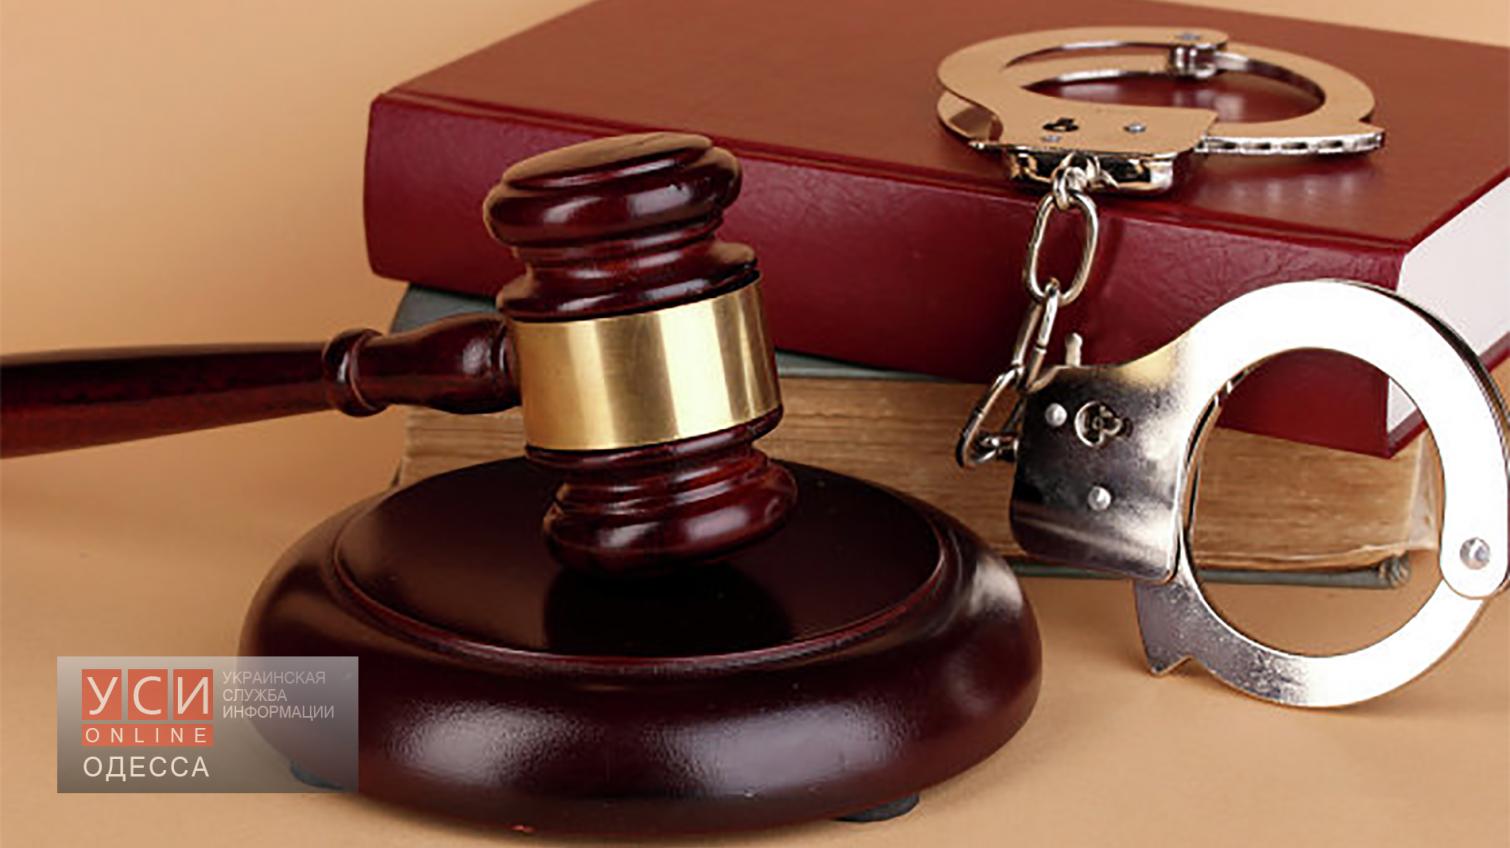 Одесский суд приговорил потенциальных союзников «ДНР/ЛНР» к тюремным срокам «фото»